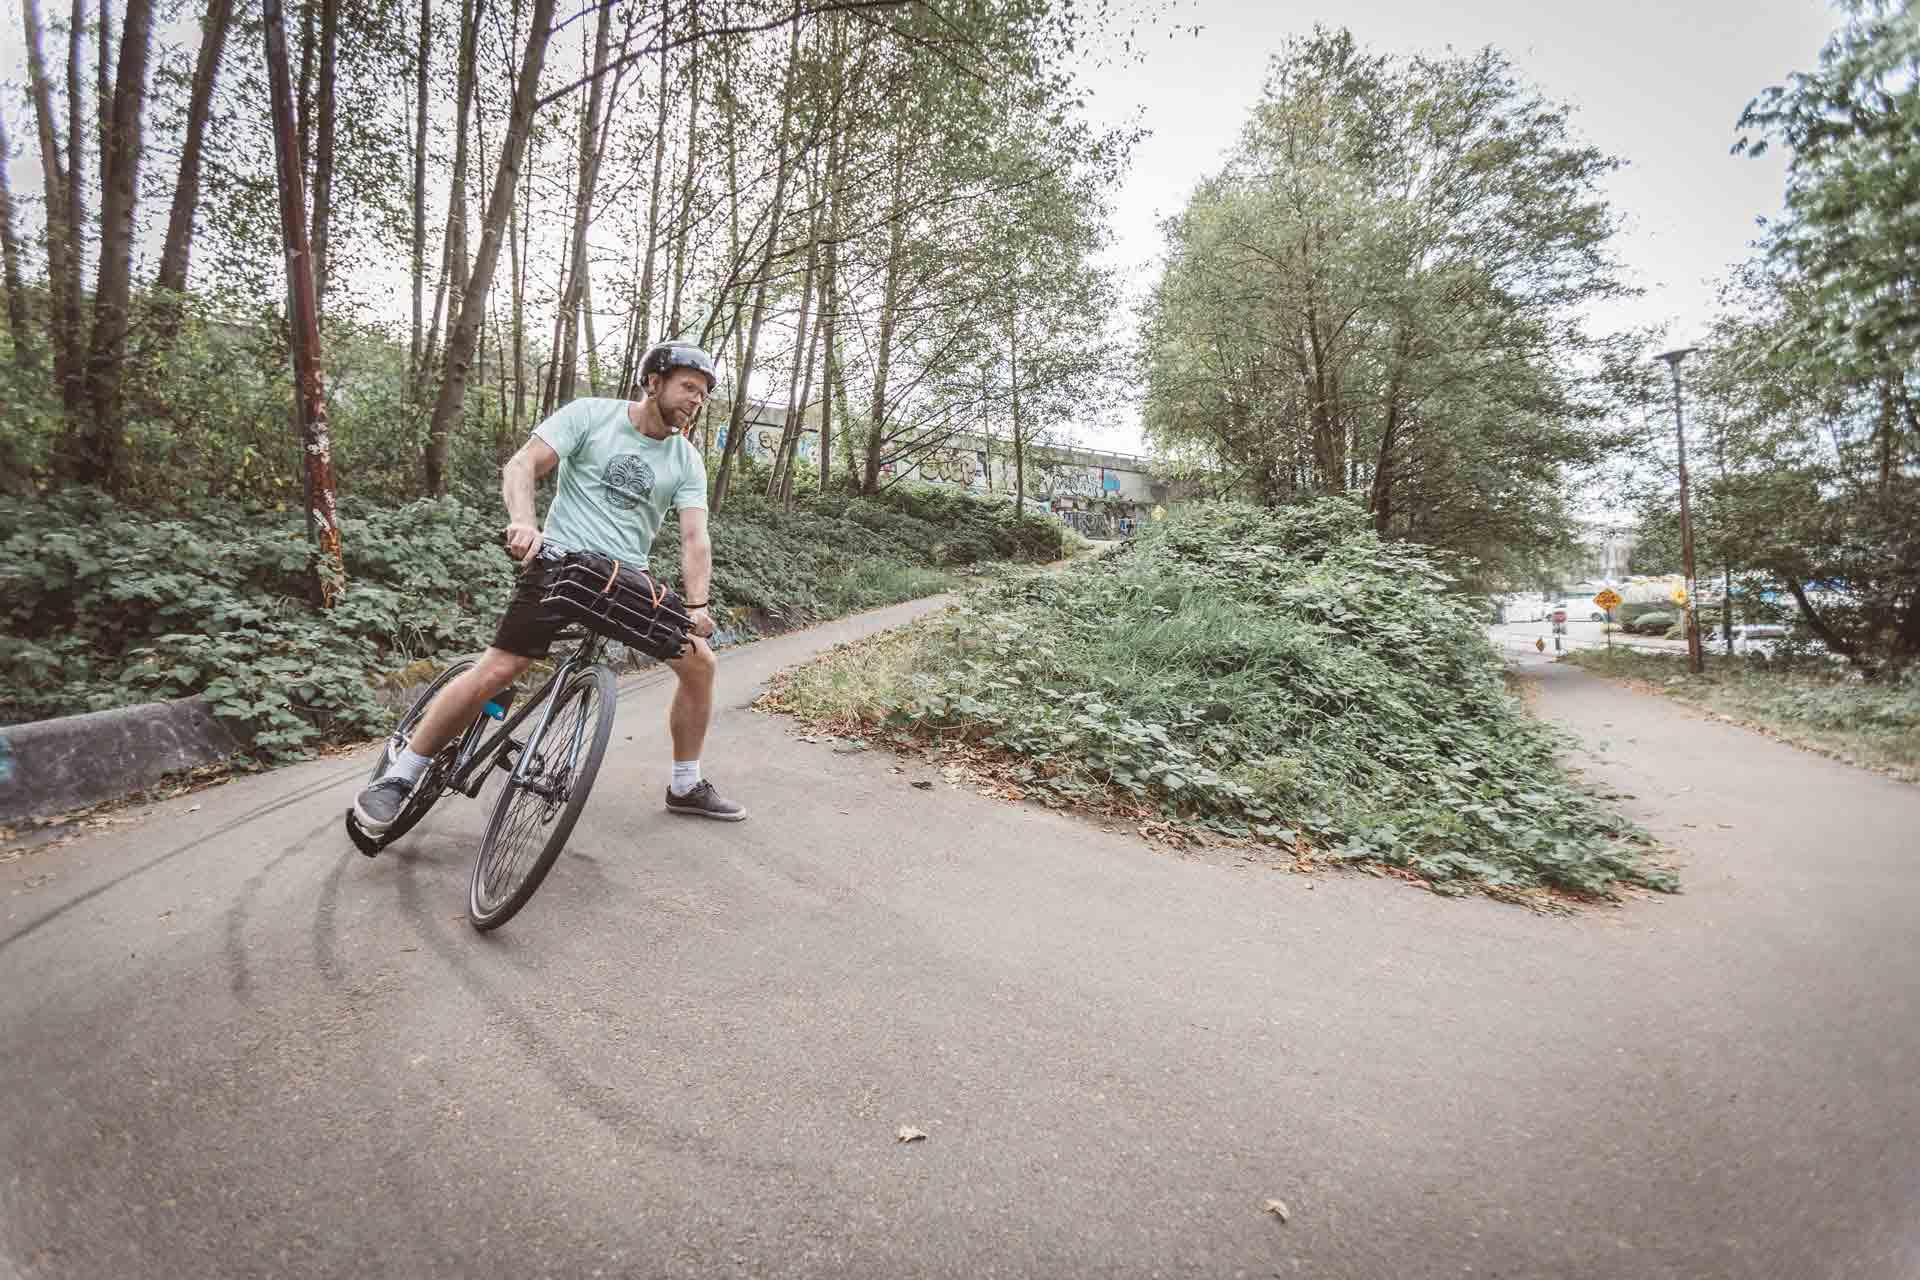 cb1-landyachtz-bikes